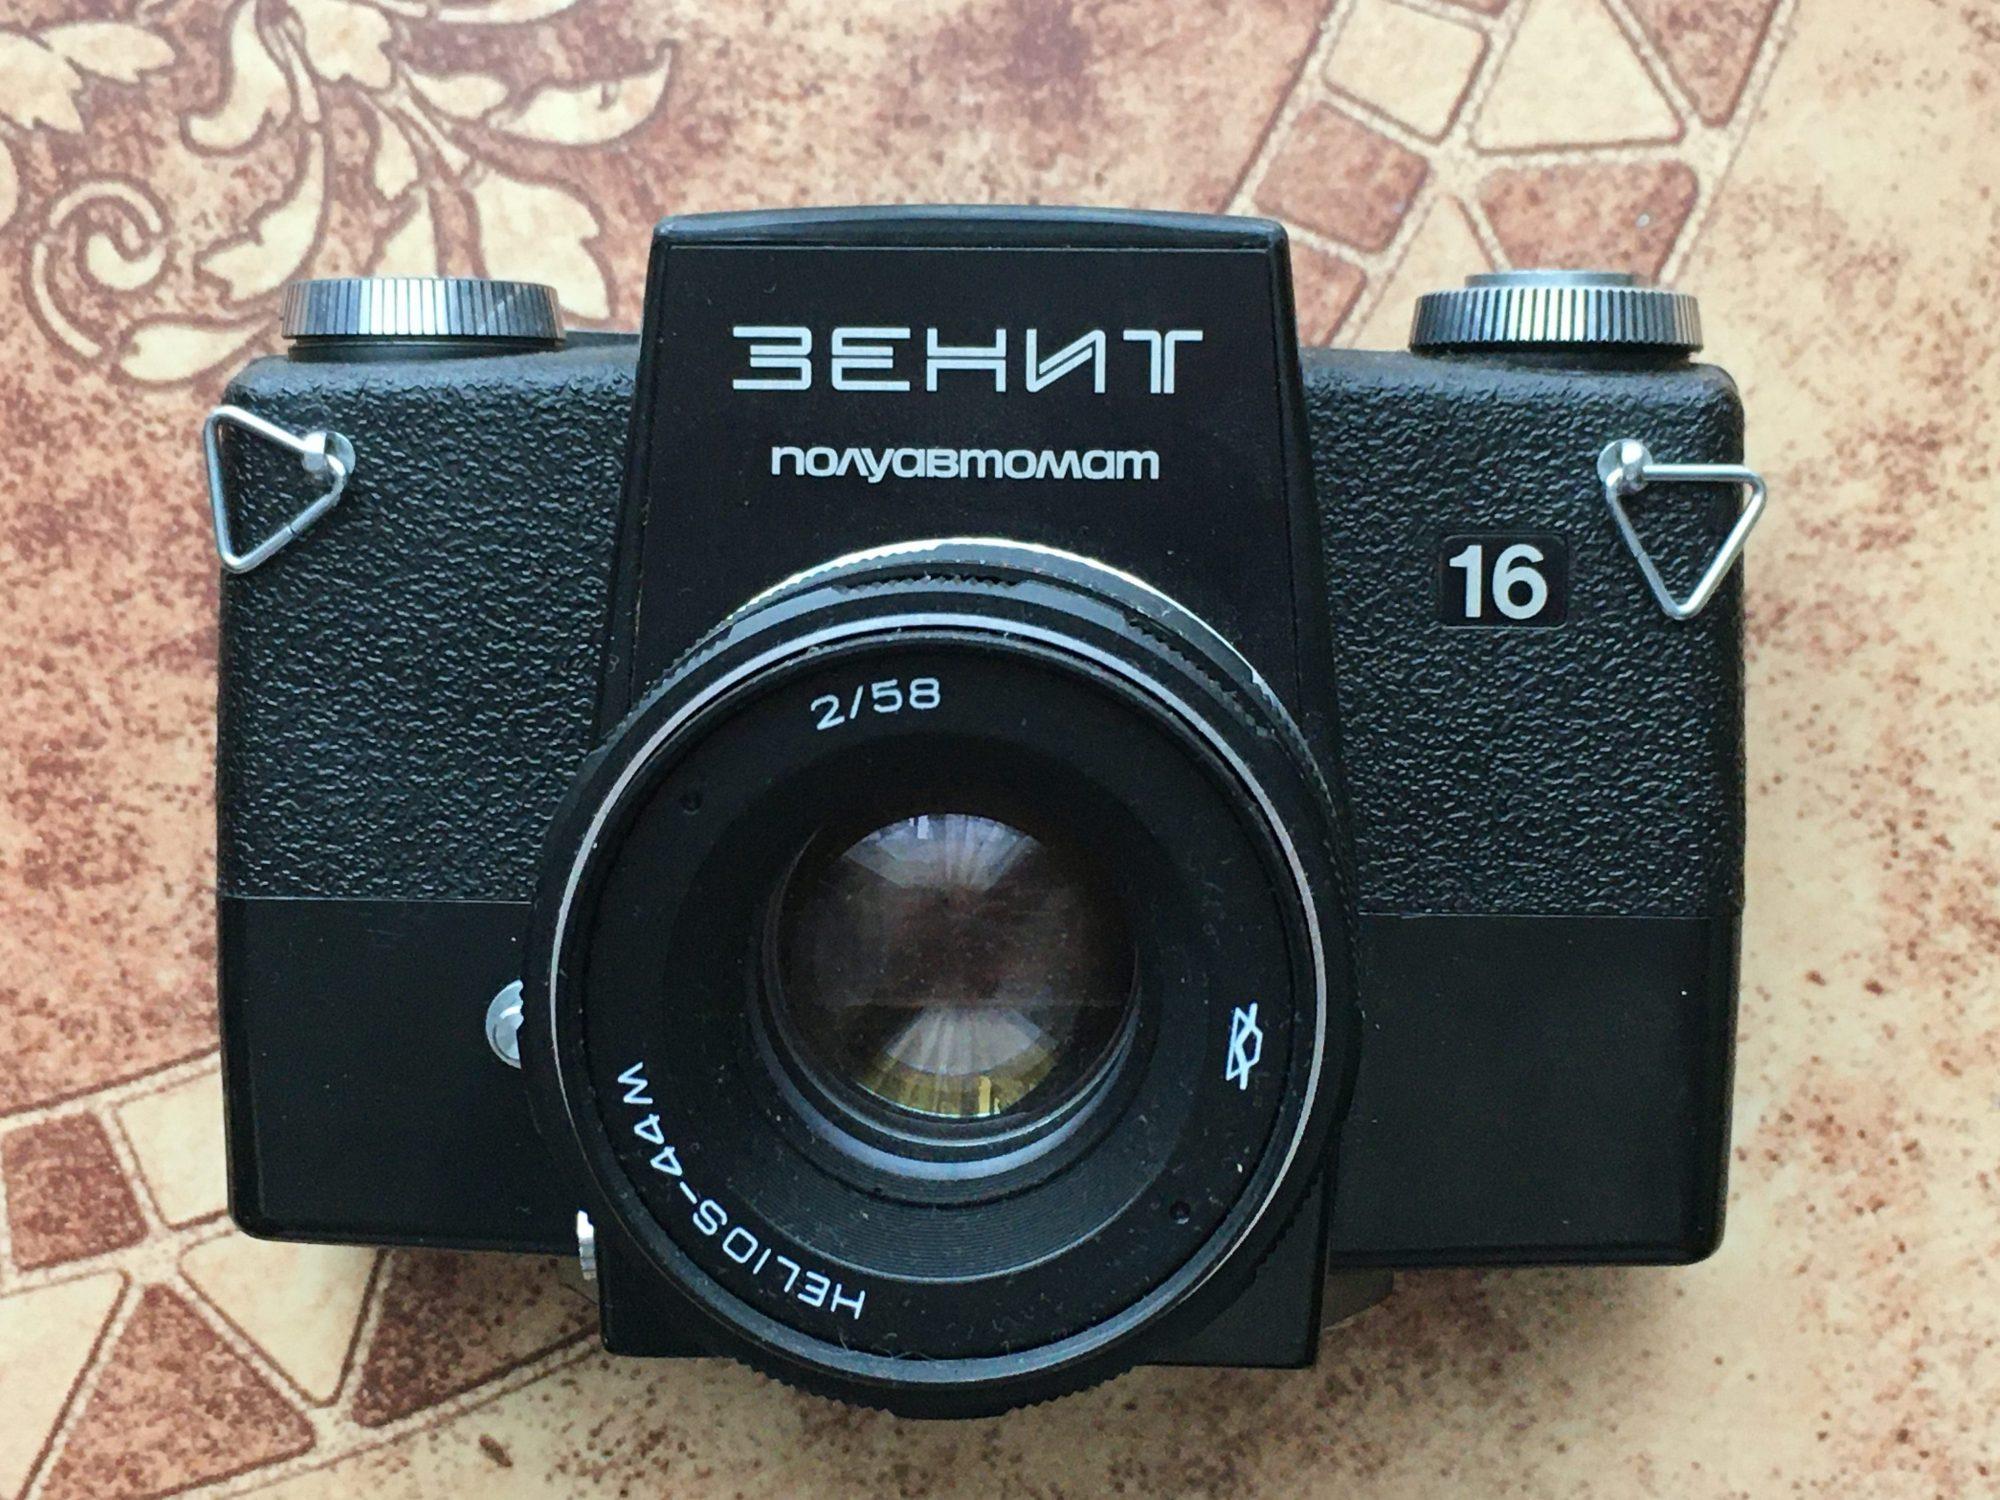 Zenit-16 camera (Pic: Oleg Khalyavin)